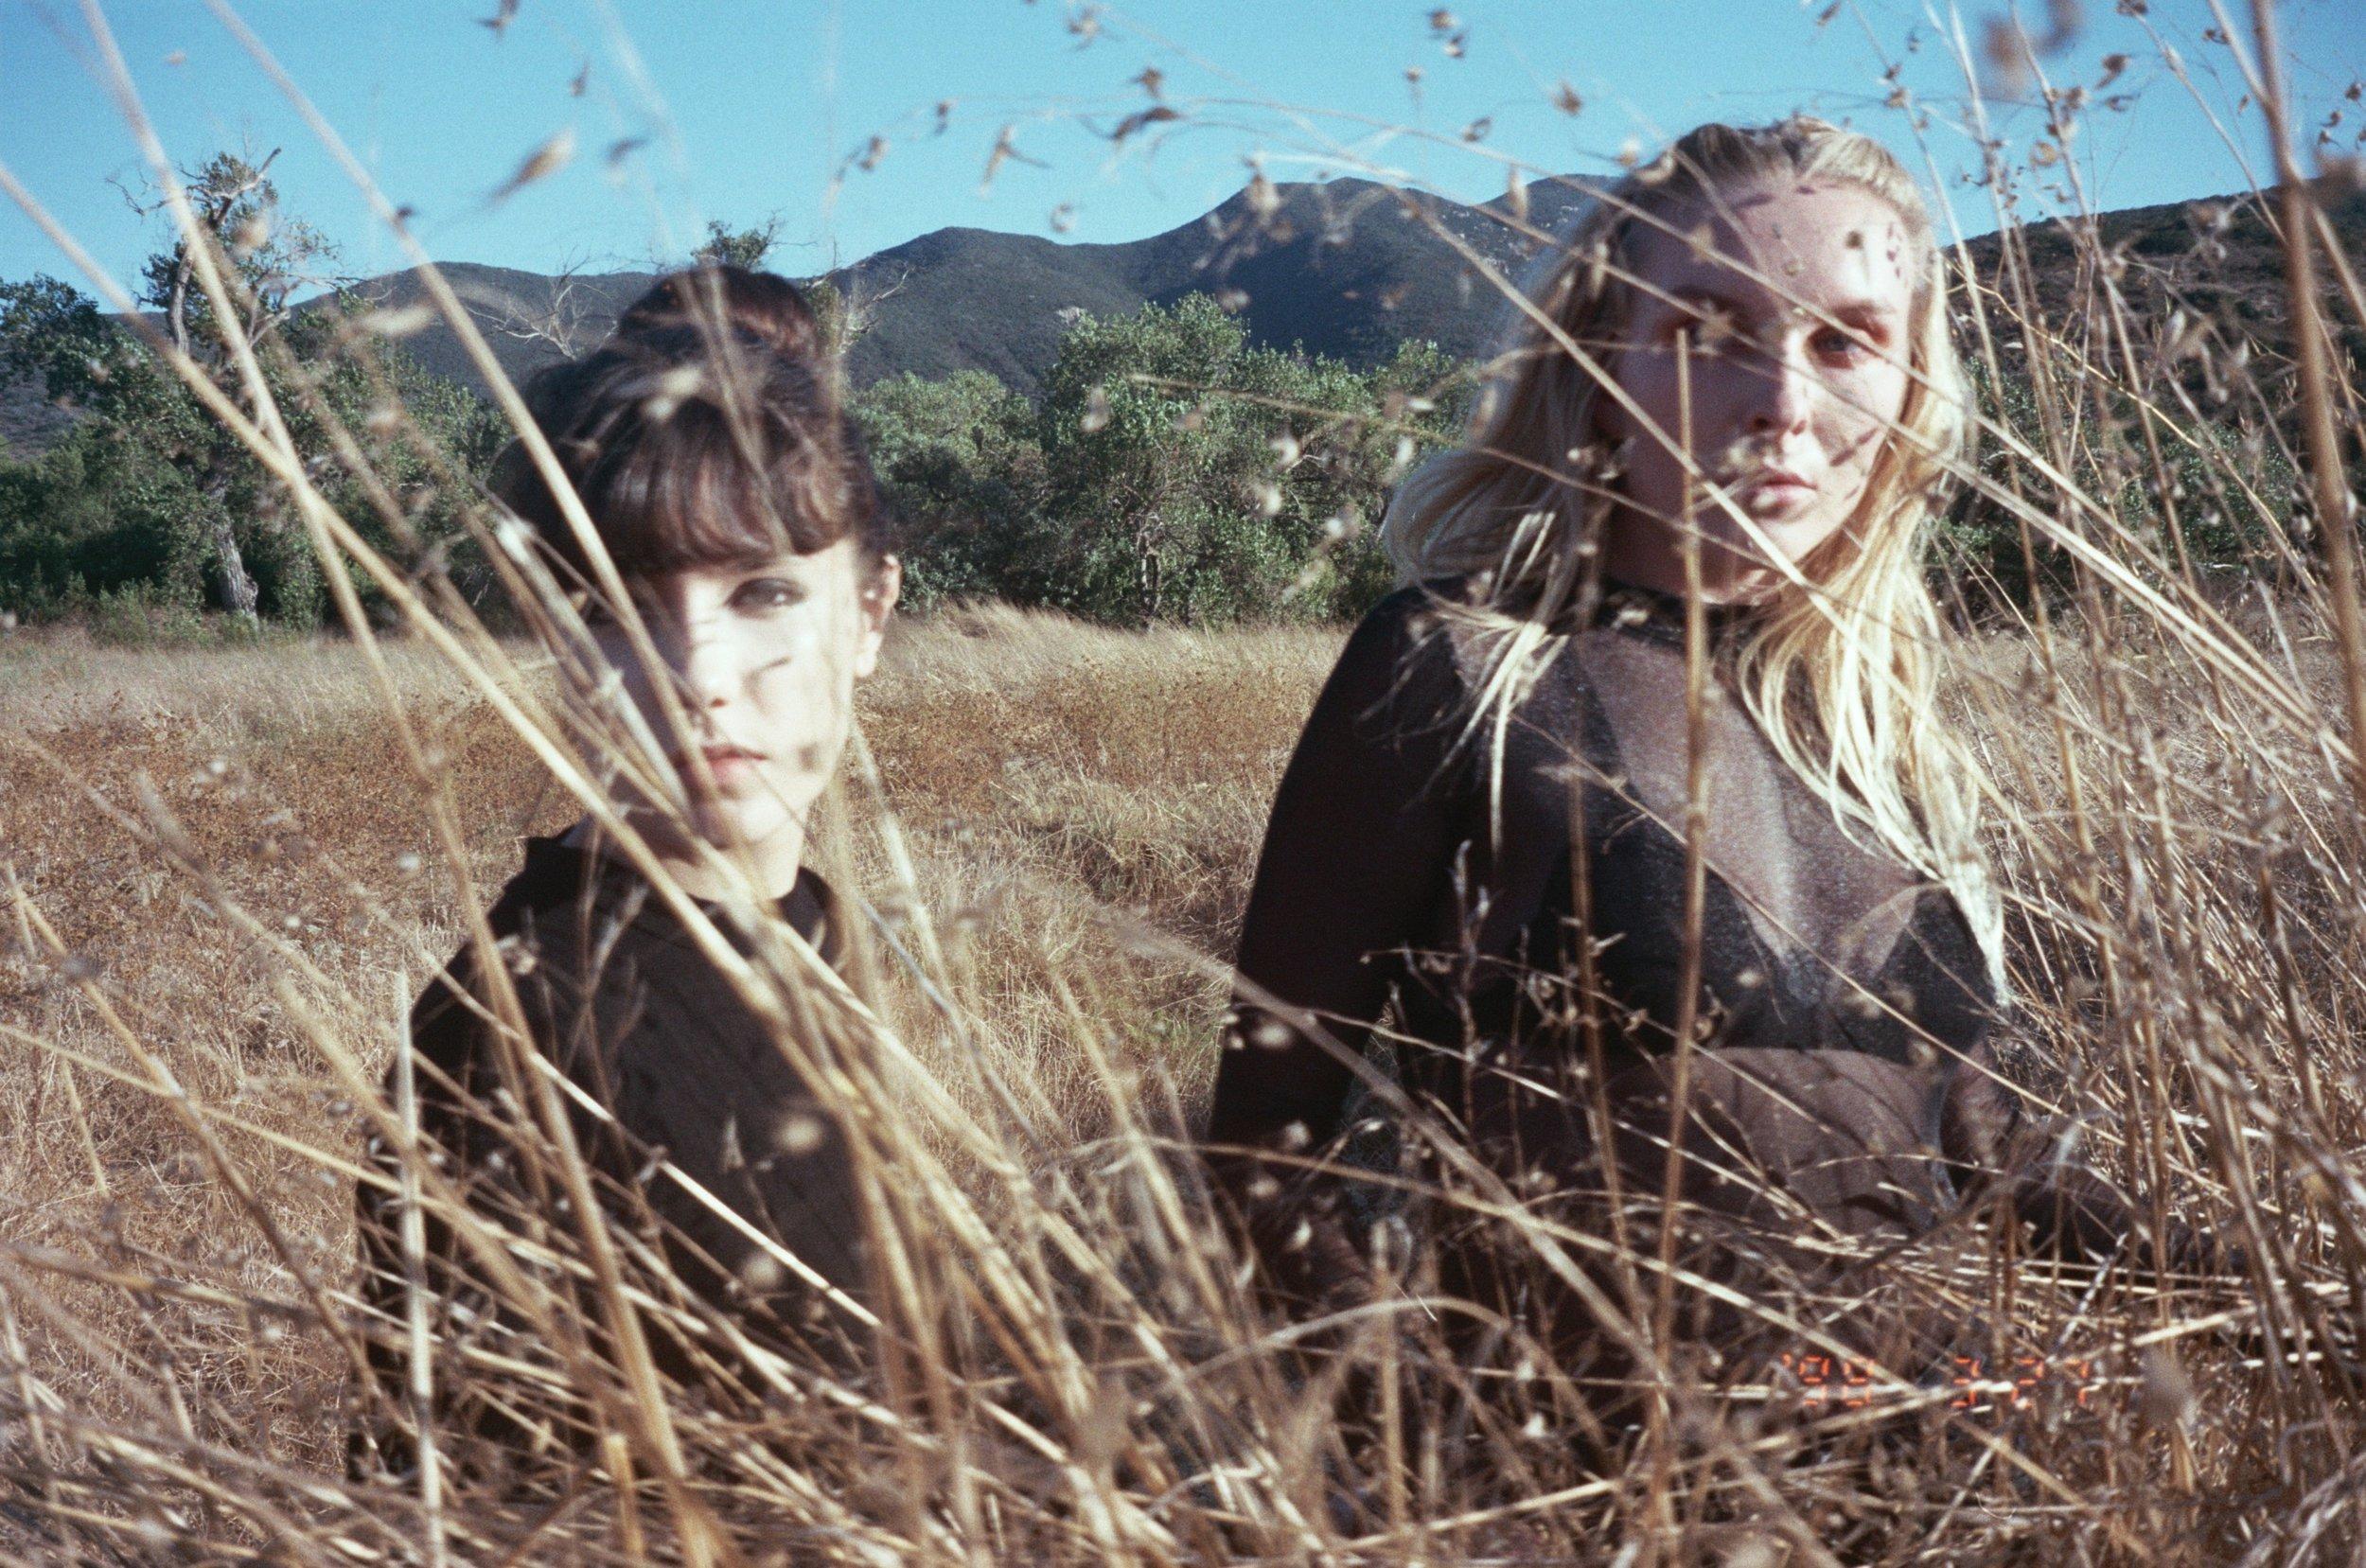 Tess & Eliana at Mission Trails